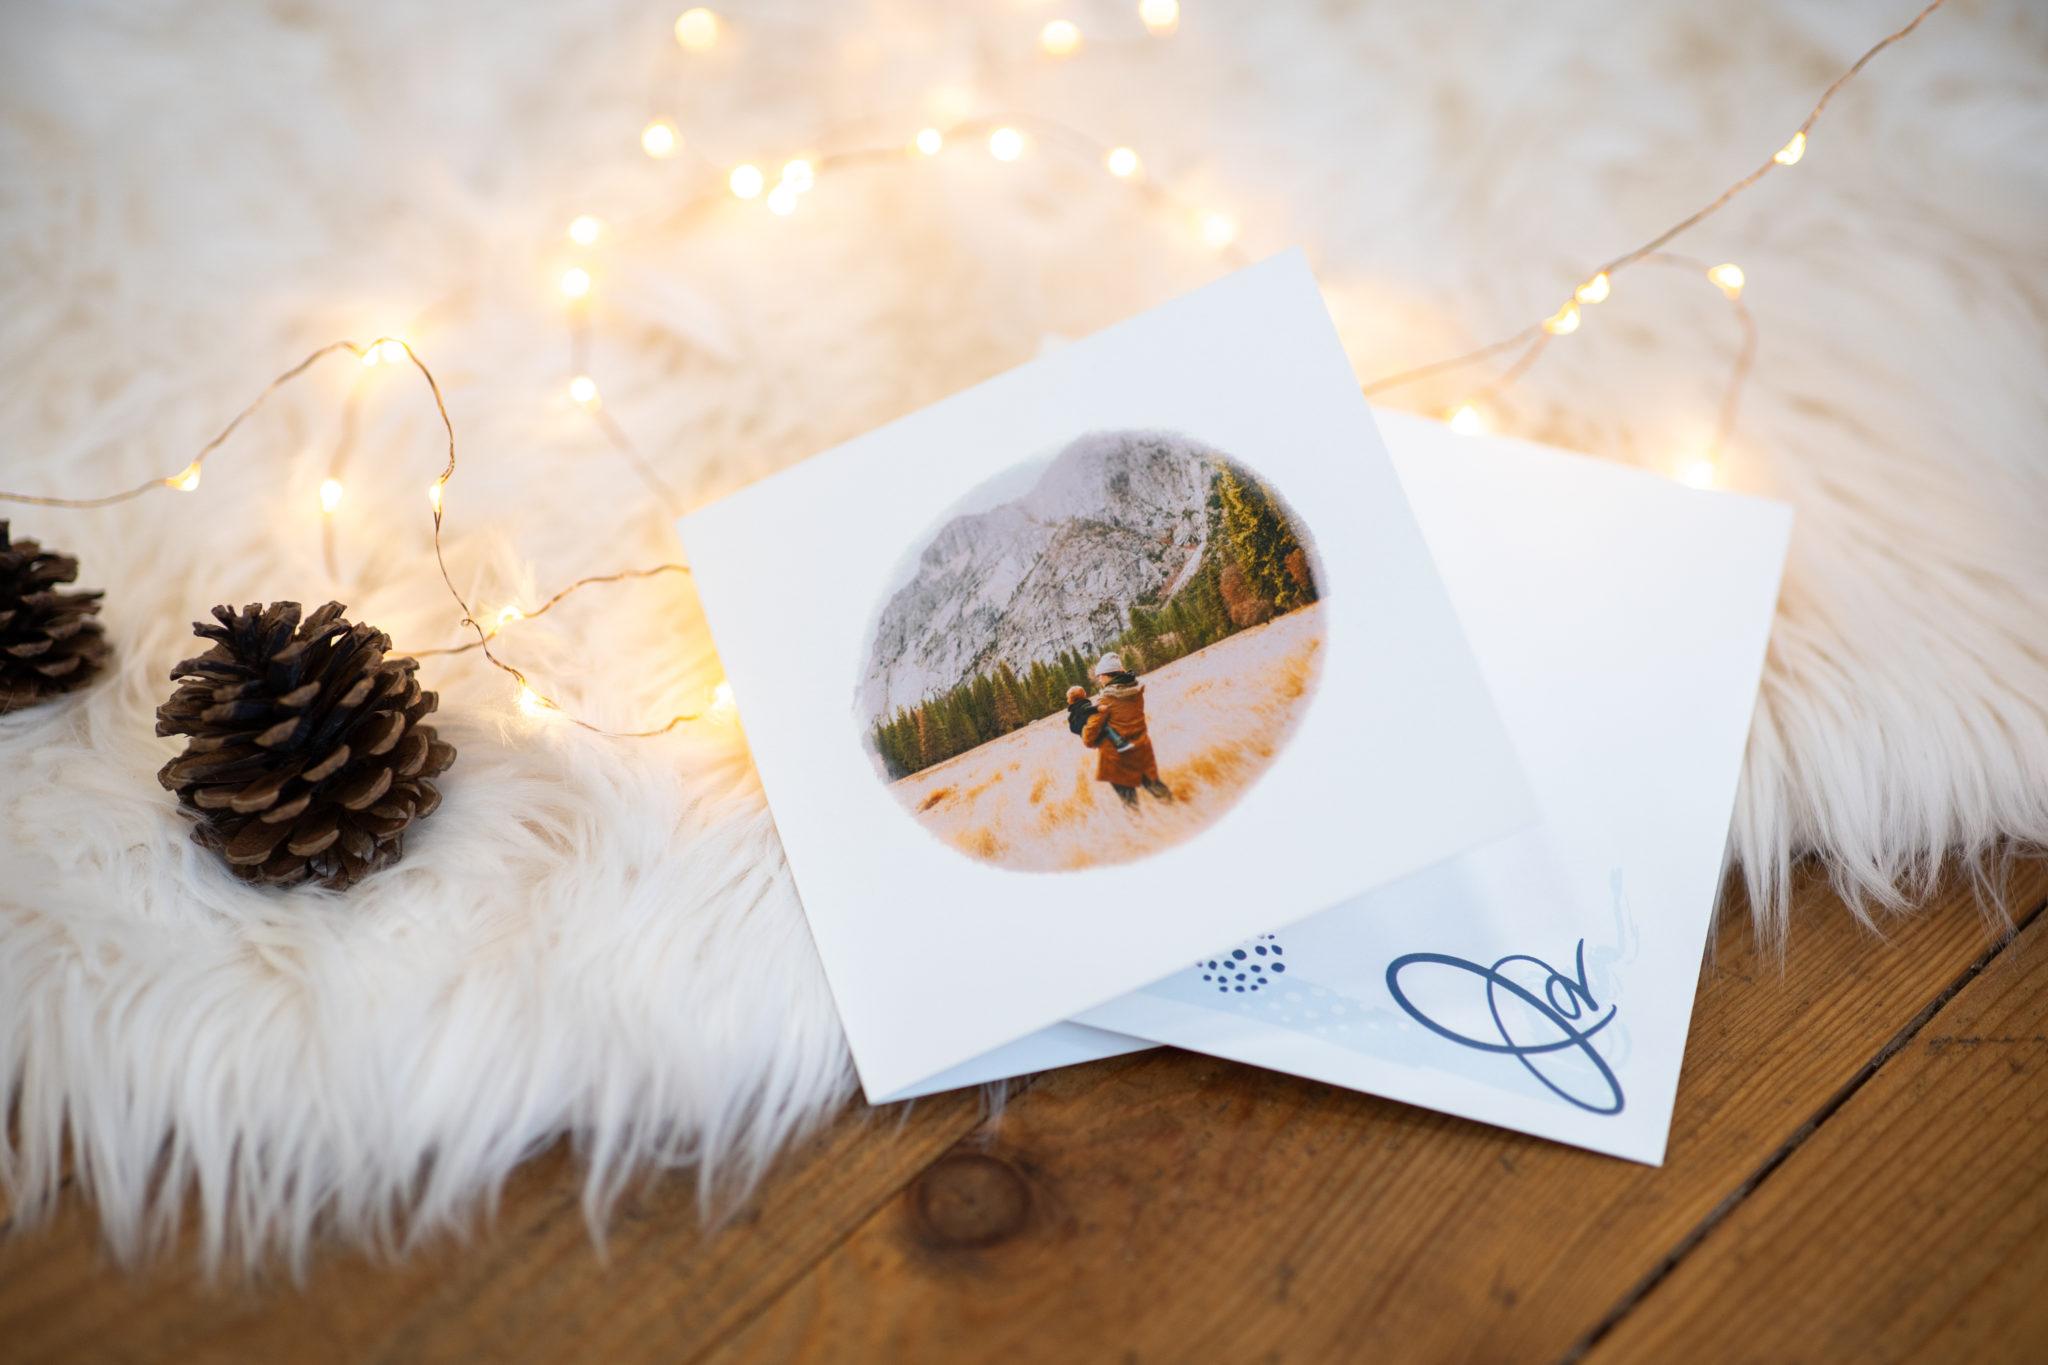 carte avec photo montagne sur moumoute avec guirlande